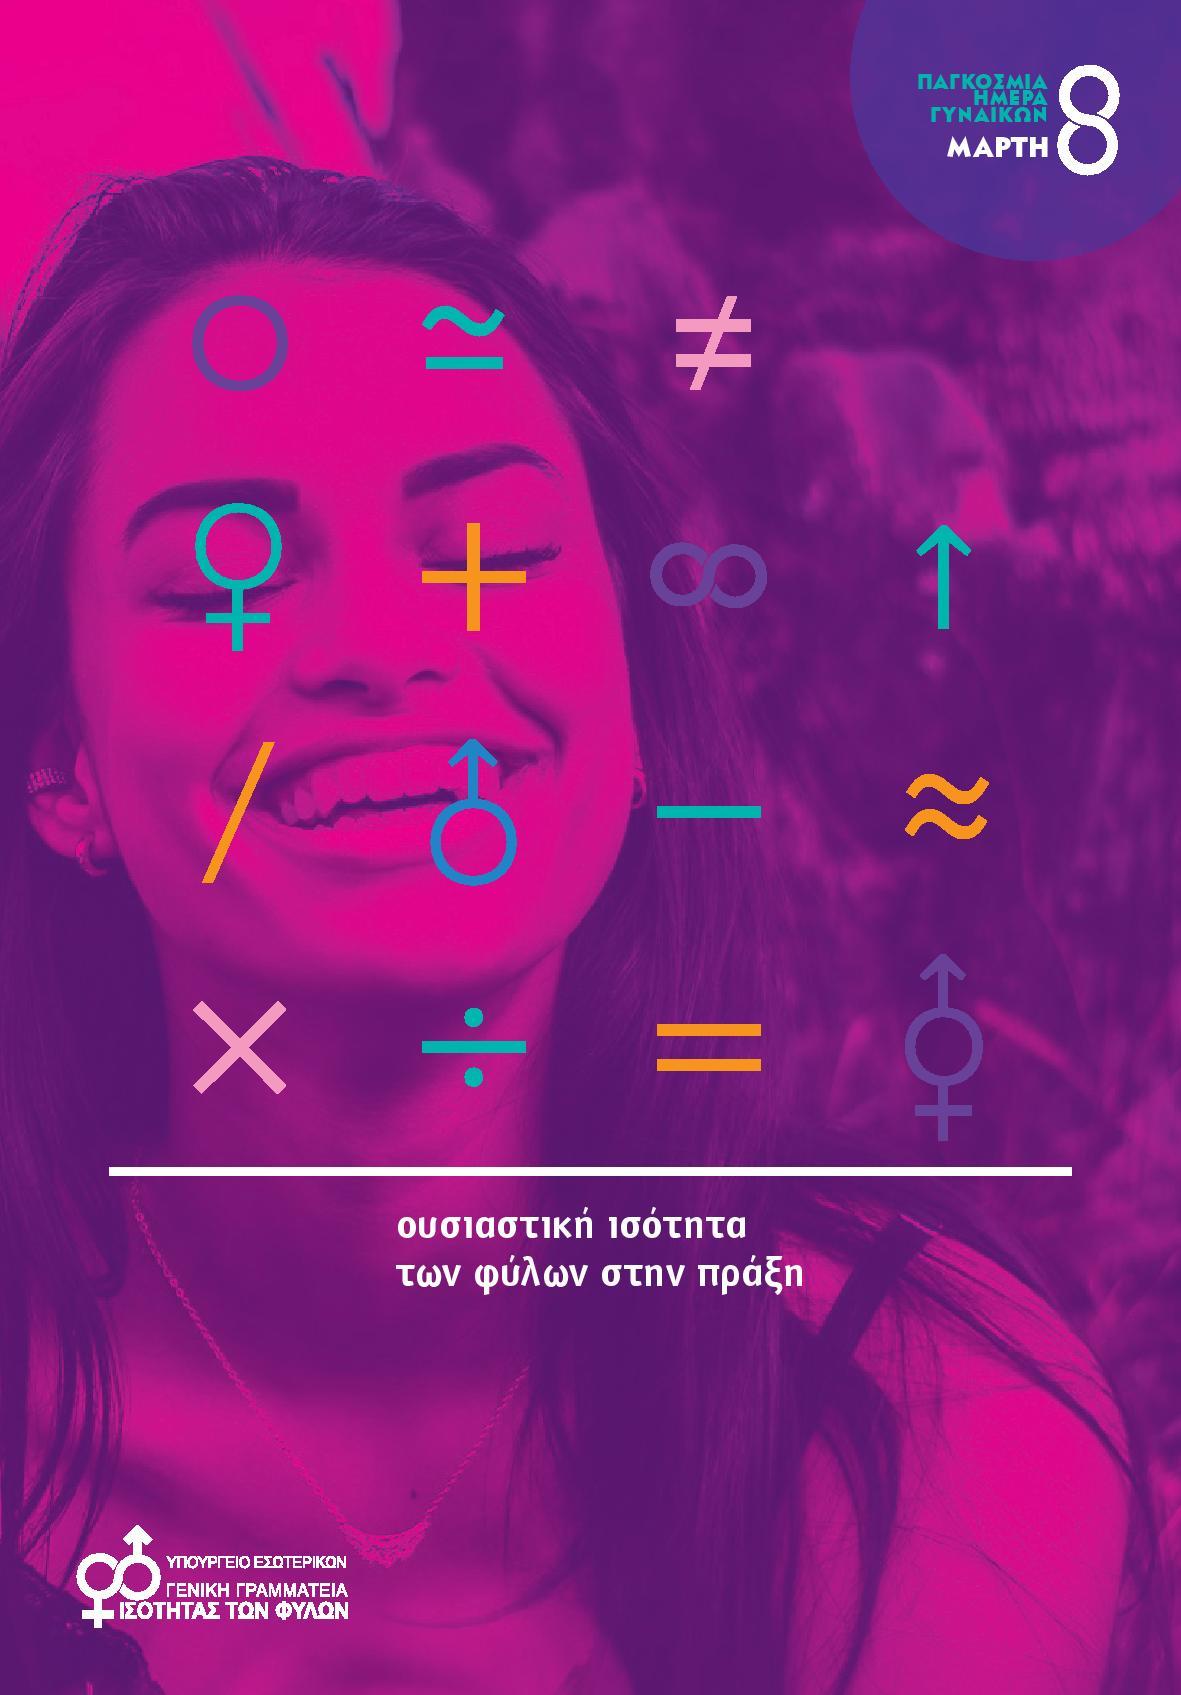 Παγκόσμια Ημέρα της Γυναίκας: ορόσημο τιμής, μνήμης και εγρήγορσης